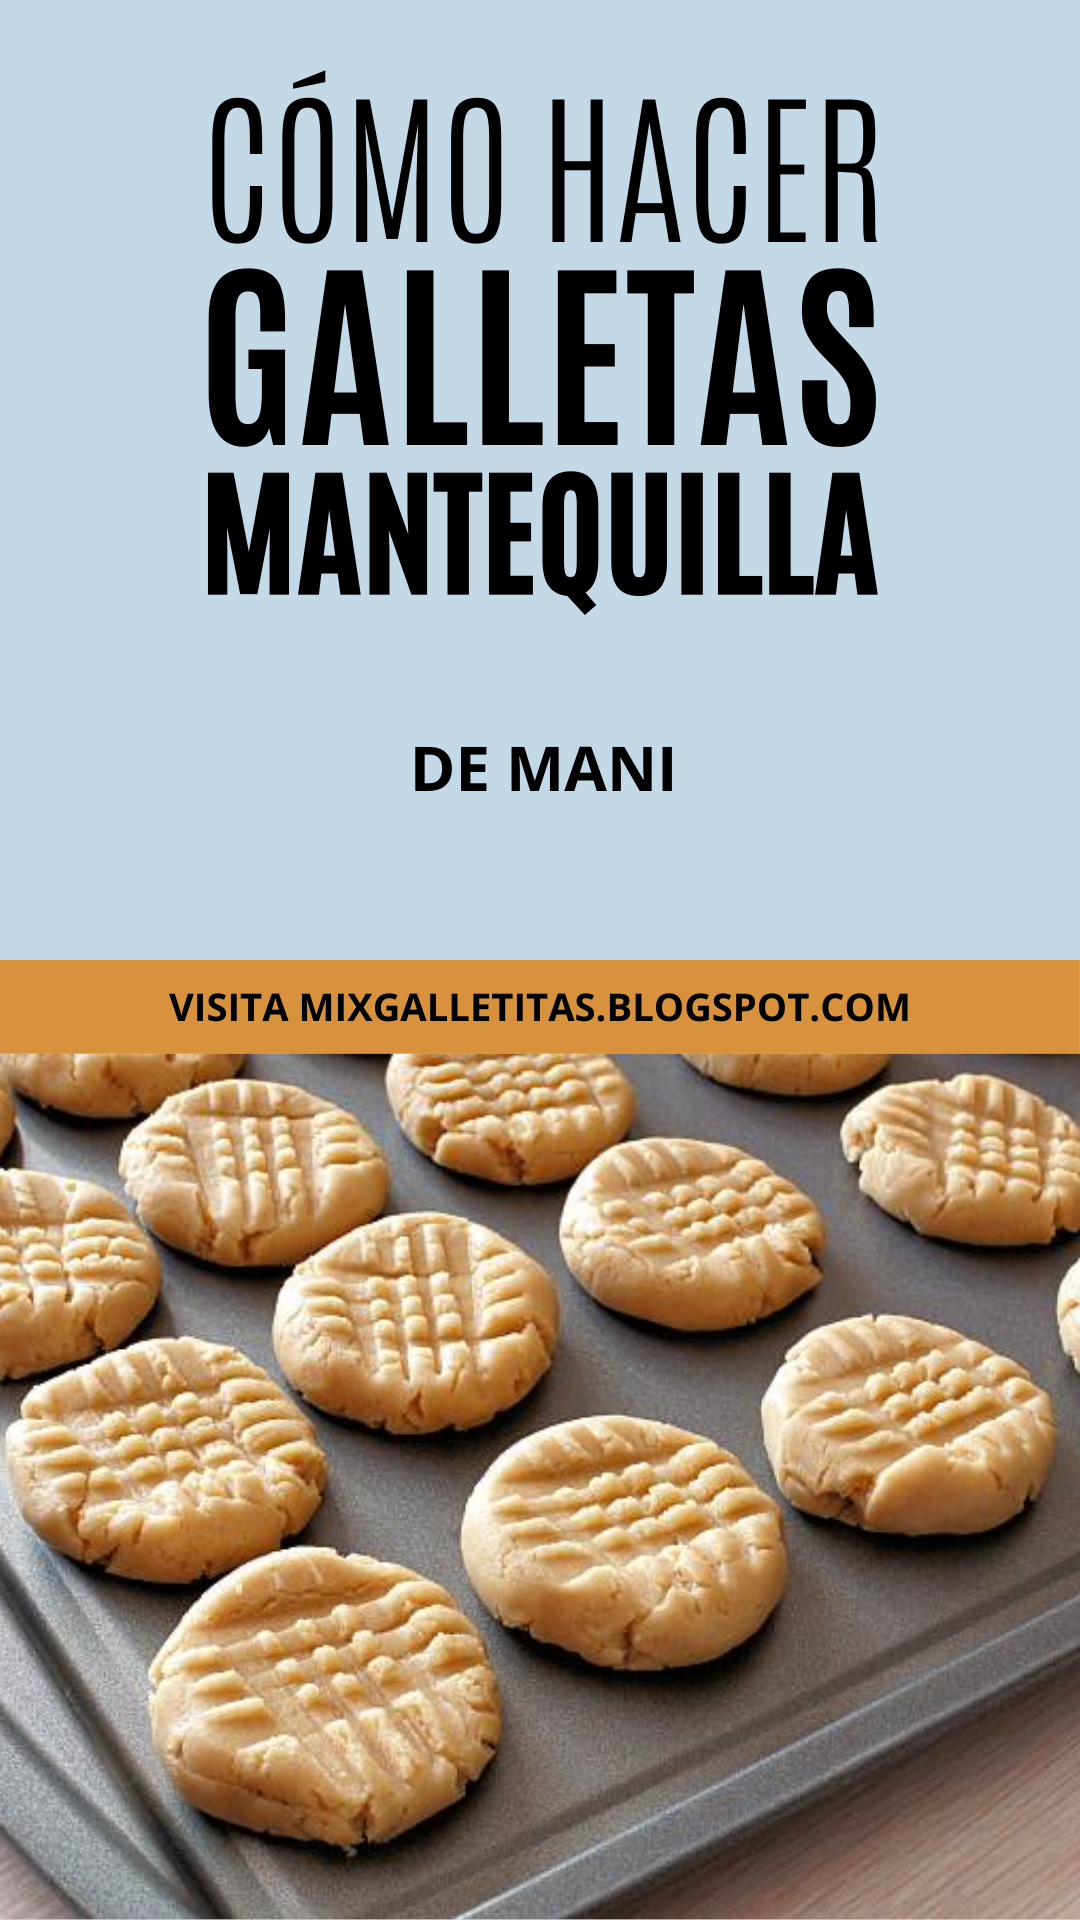 Como Hacer Galletas De Mantequilla De Maní Galletitas Galletas De Mantequilla De Maní Como Hacer Galletas De Mantequilla Mantequilla De Mani